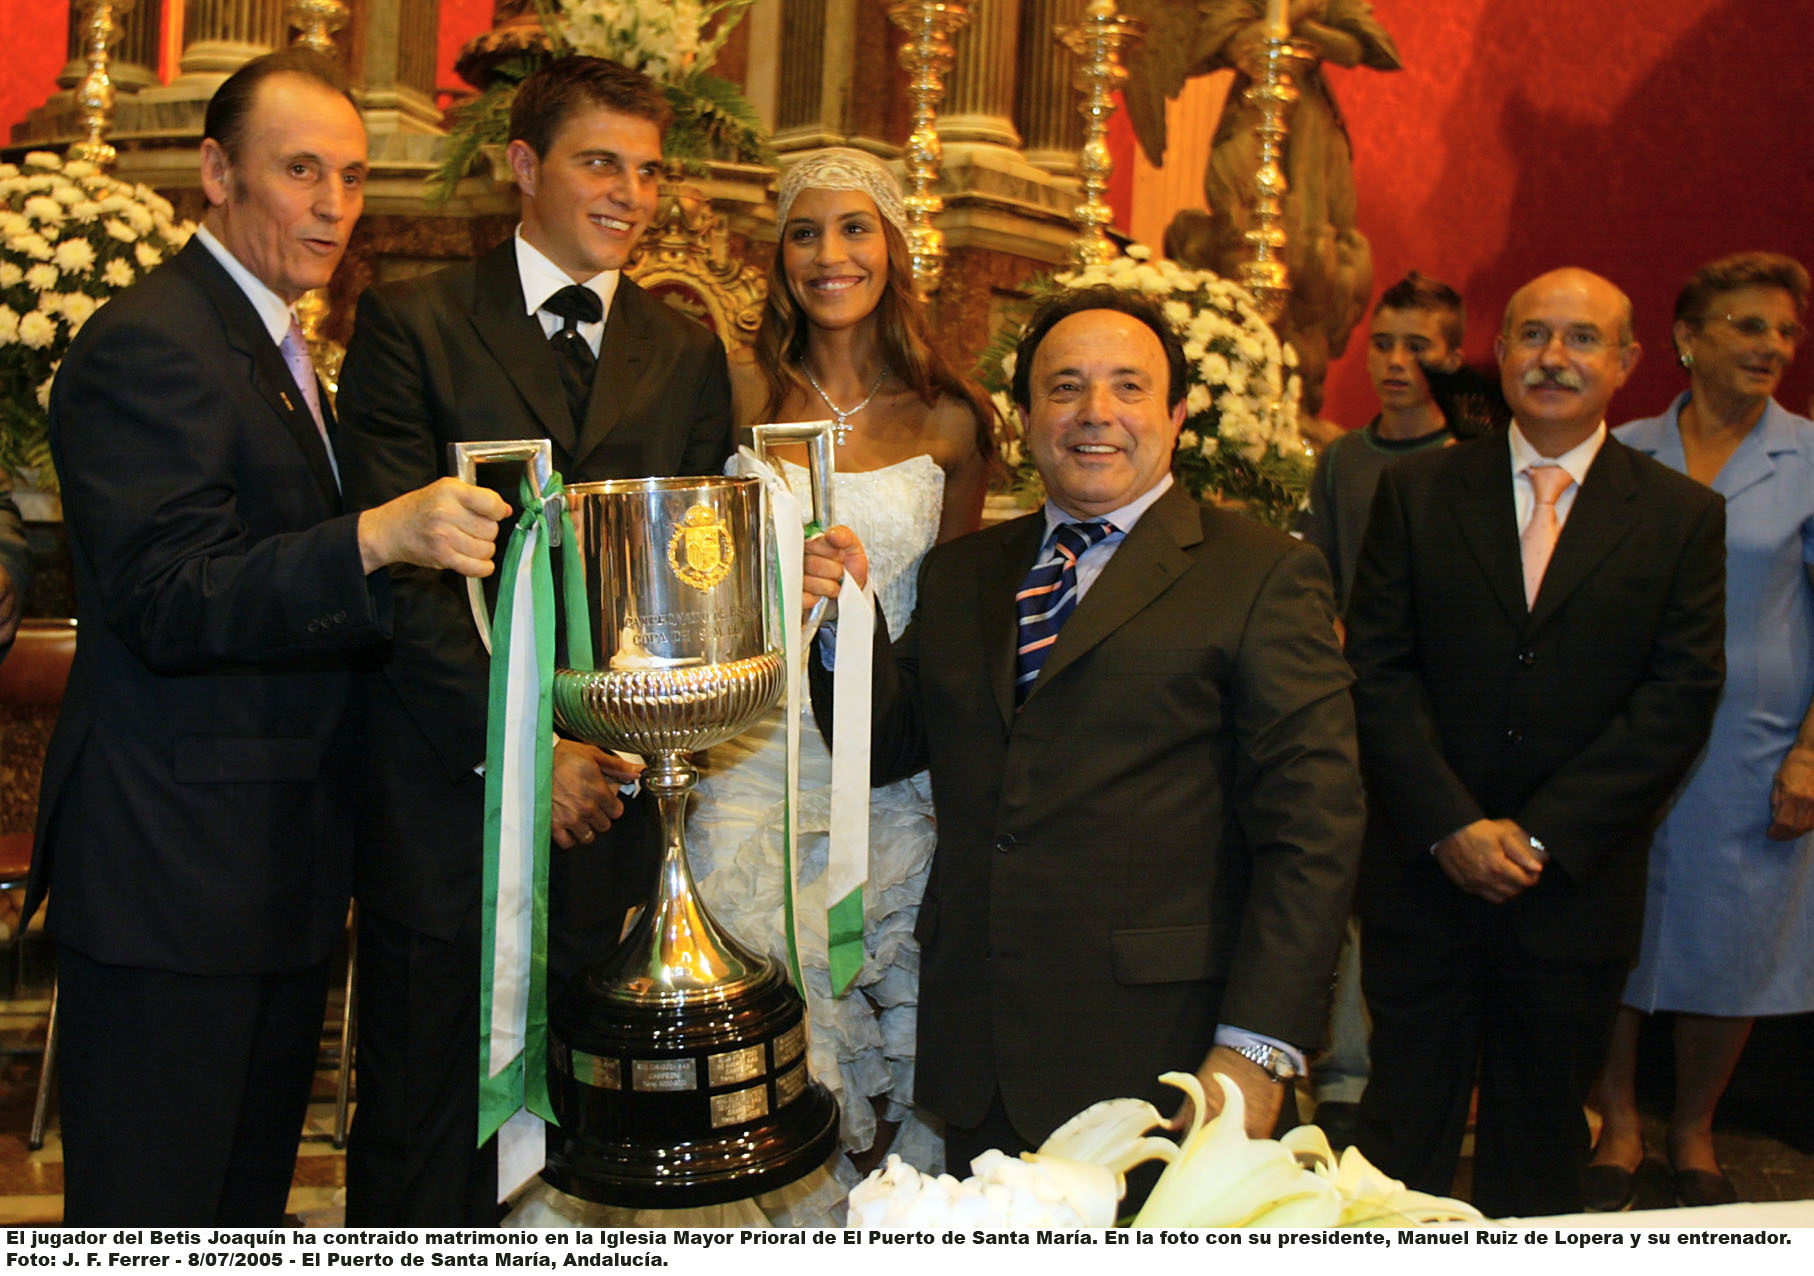 Joaquín y Susana Saborido junto a la Copa del Rey el día de su boda, en 2005.